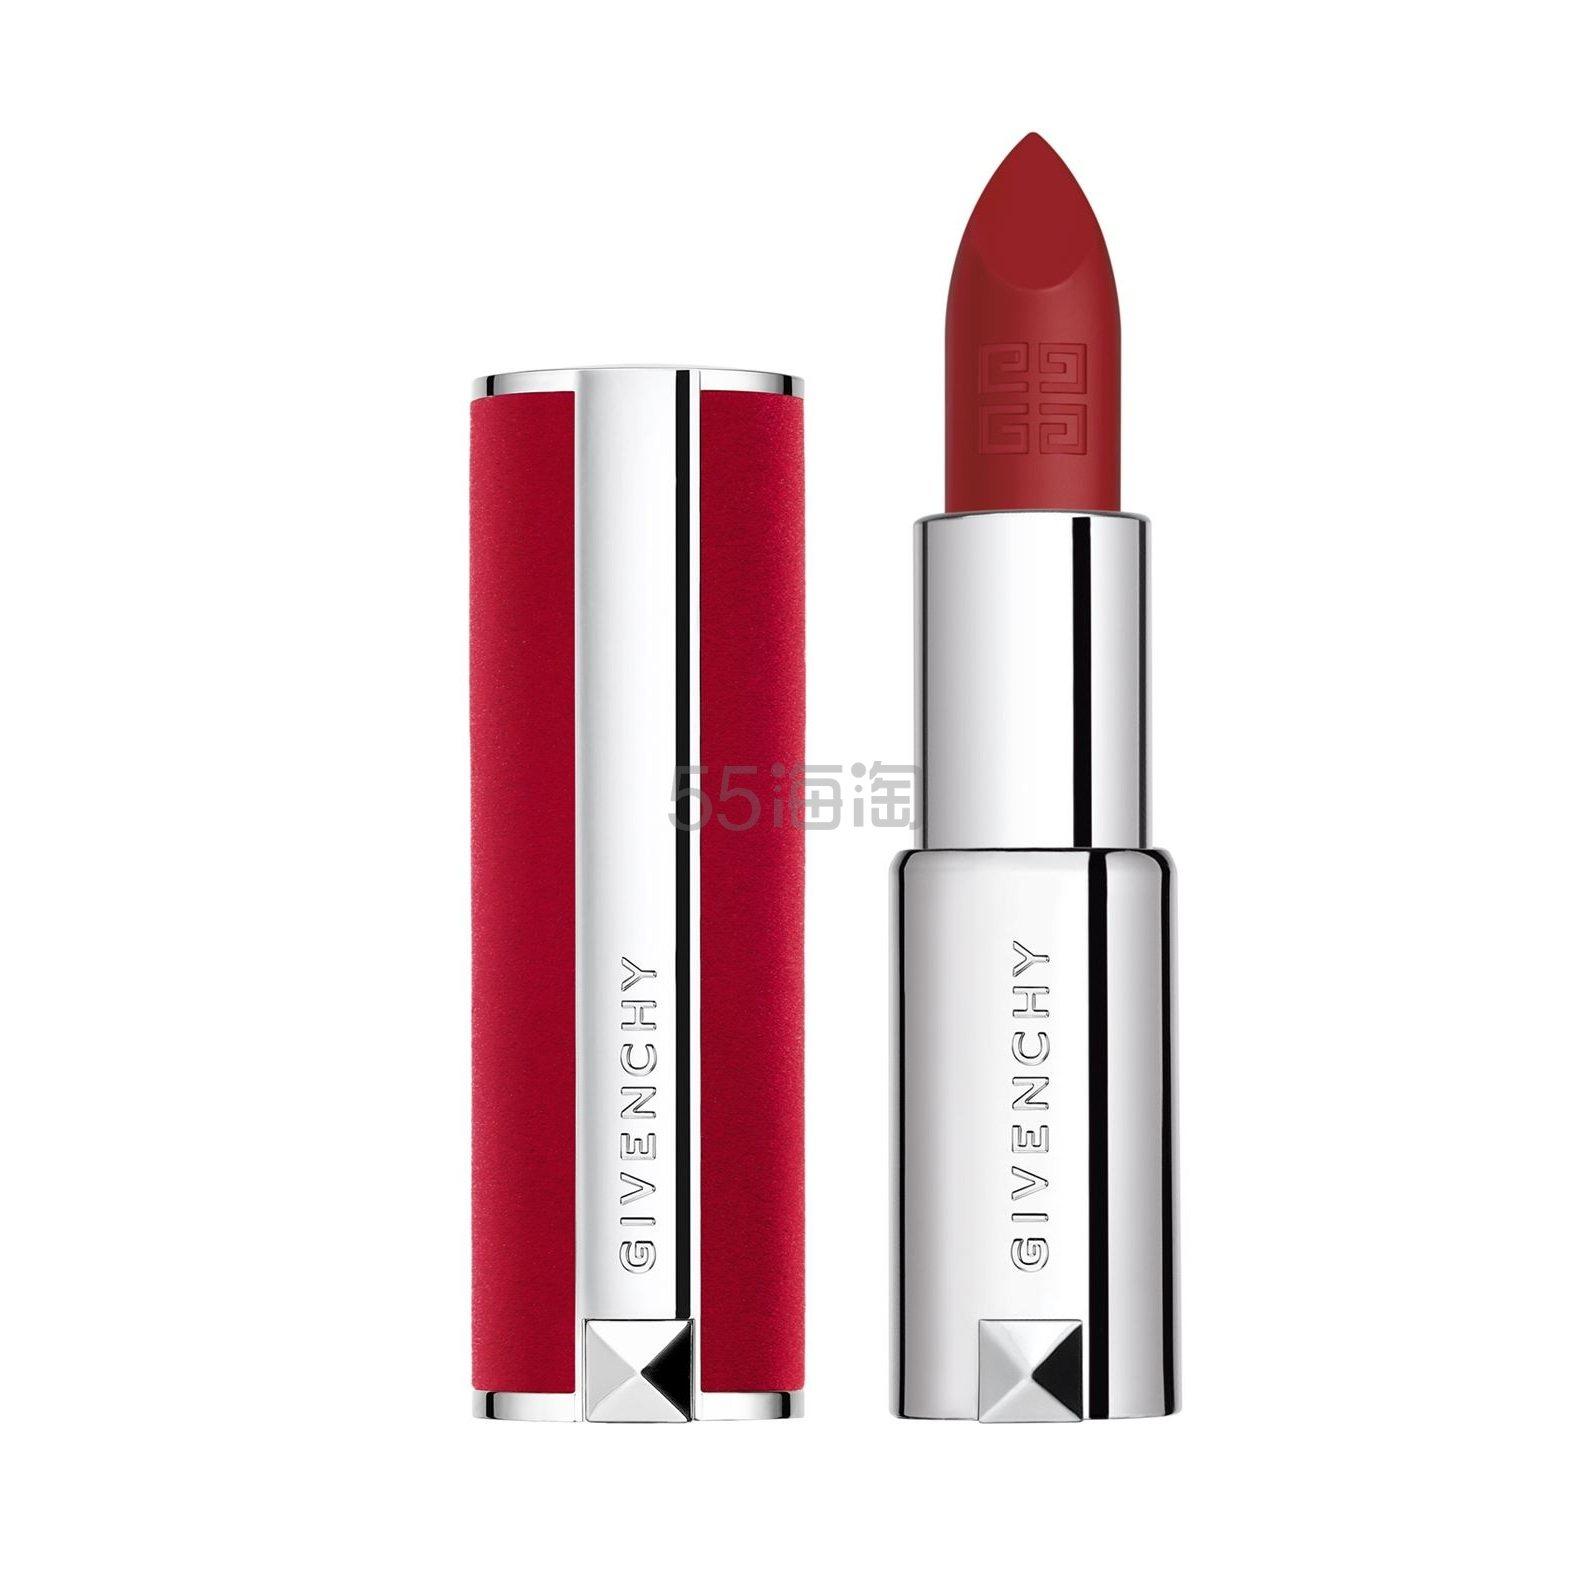 新品!Givenchy 纪梵希 秋季新品 Le Rouge Deep Velvet 小羊皮唇膏 ¥210.59 - 海淘优惠海淘折扣 55海淘网